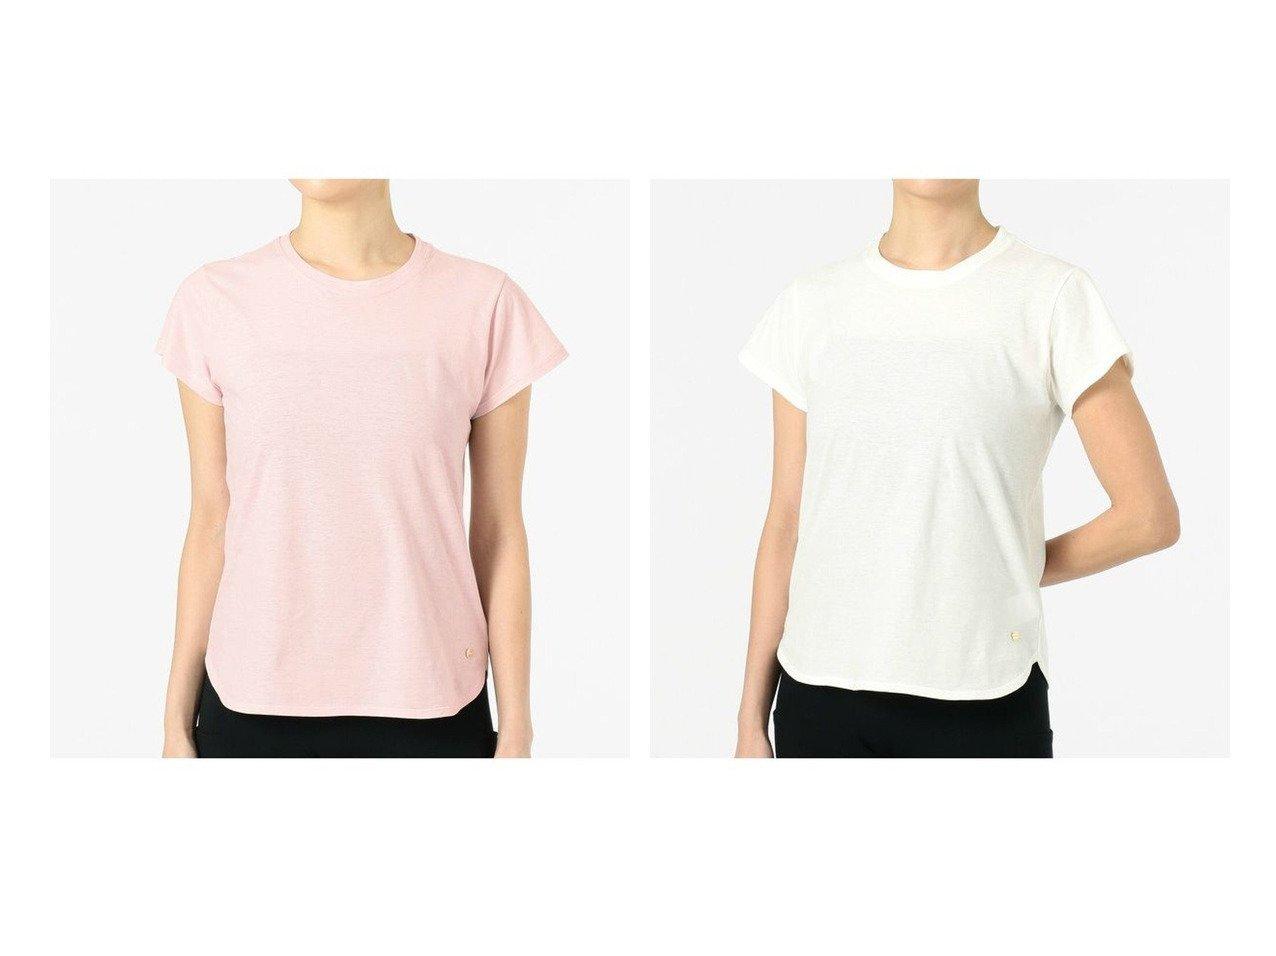 【Chacott/チャコット】のコンパクトTシャツ スポーツウェア・ヨガ・運動・ダイエットグッズなどのおすすめ!人気トレンド・ファッション通販 おすすめで人気の流行・トレンド、ファッションの通販商品 インテリア・家具・メンズファッション・キッズファッション・レディースファッション・服の通販 founy(ファニー) https://founy.com/ ファッション Fashion レディースファッション WOMEN トップス・カットソー Tops/Tshirt シャツ/ブラウス Shirts/Blouses ロング / Tシャツ T-Shirts コンパクト シンプル ストレッチ 抗菌 |ID:crp329100000041145